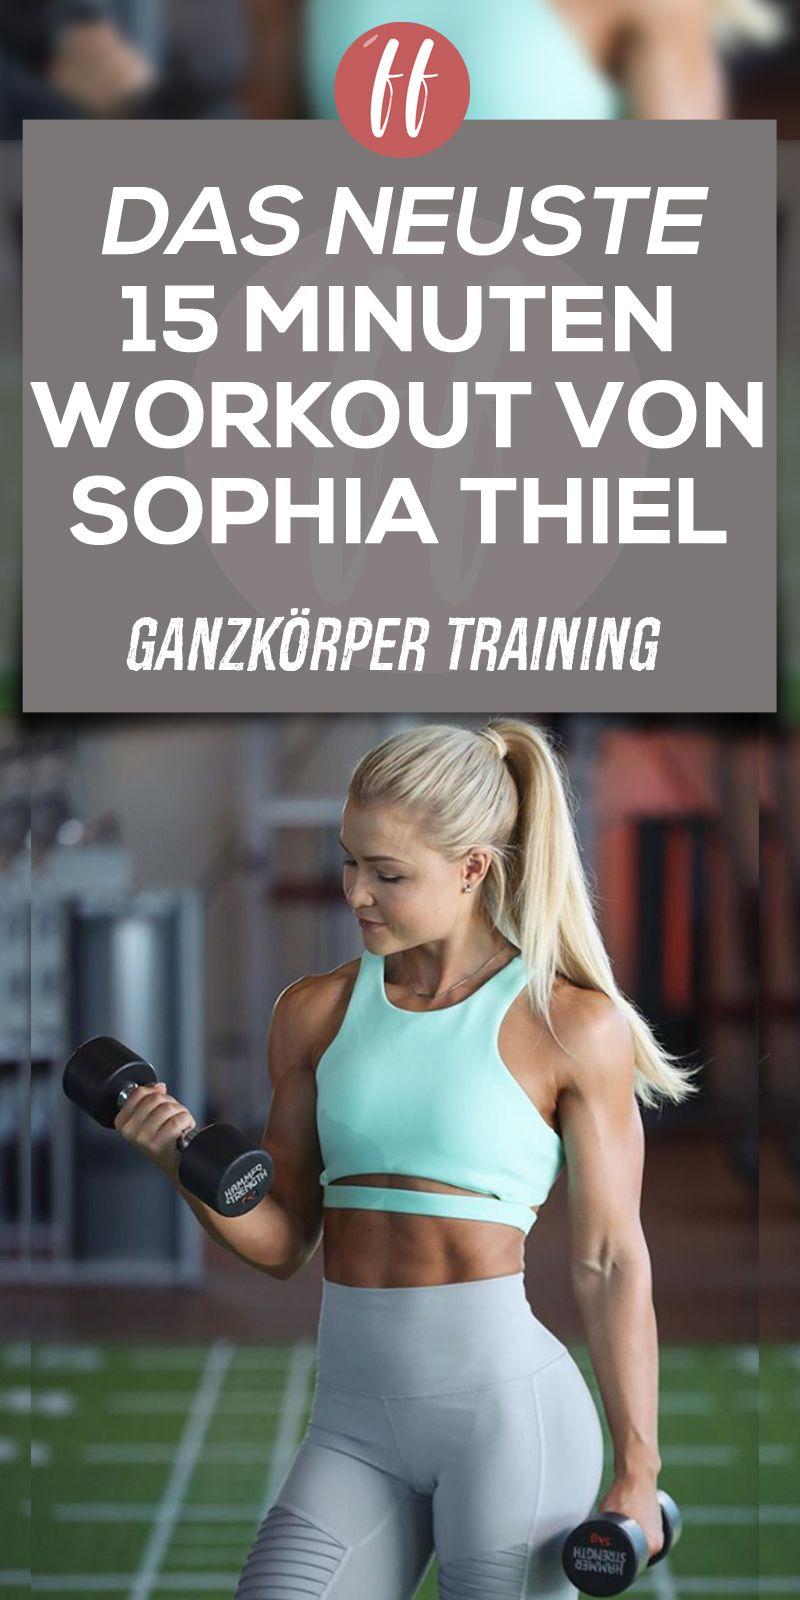 Gewichtsverlust Trainingsprogramm läuft